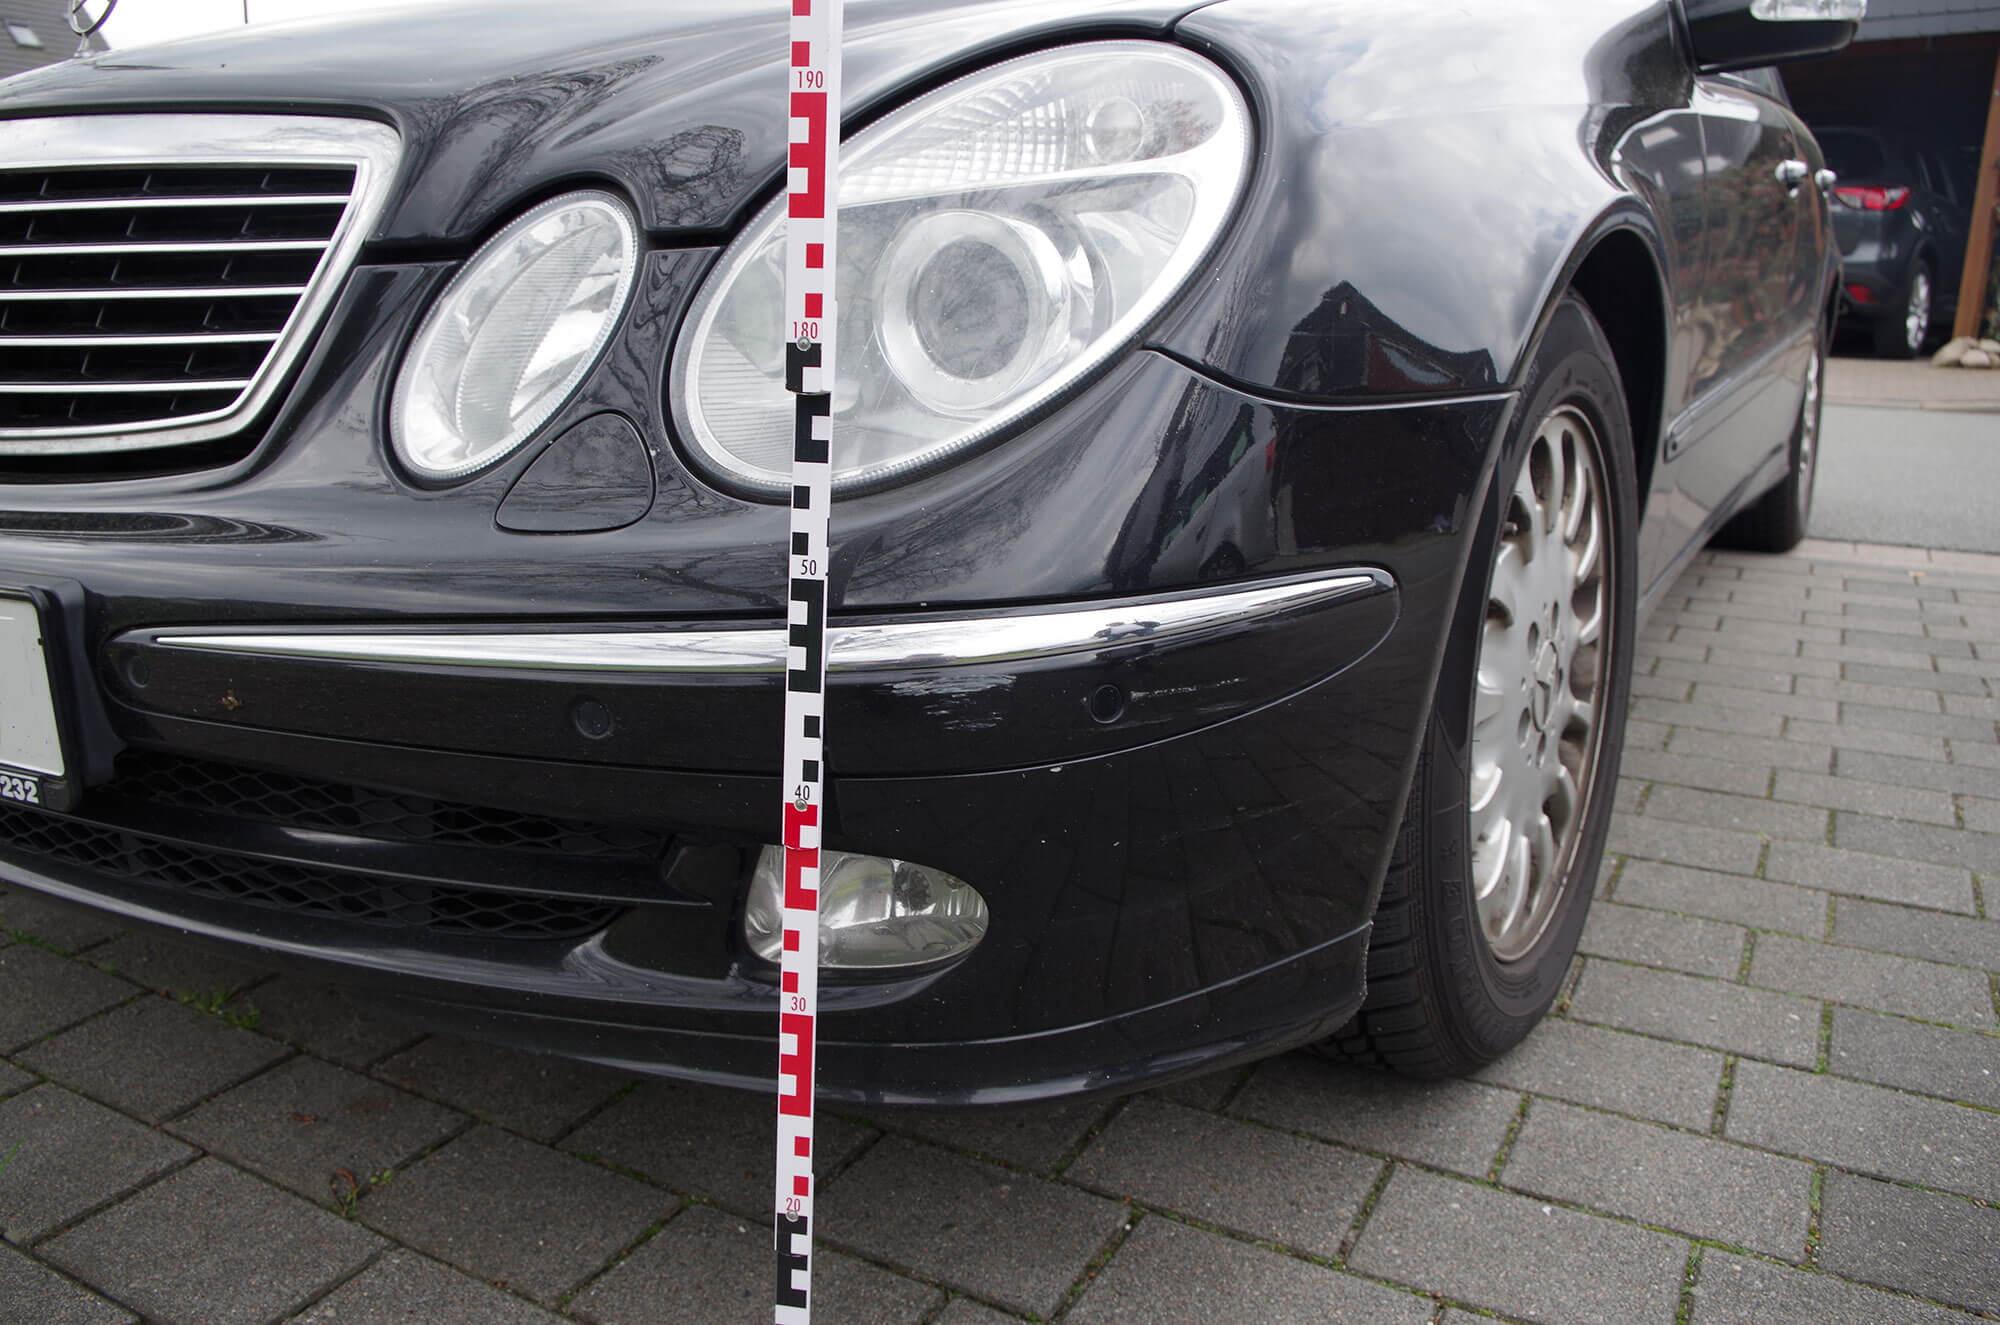 Kfz Gutachten Lackschäden am Mercedes Benz | Gutachten Hamburg